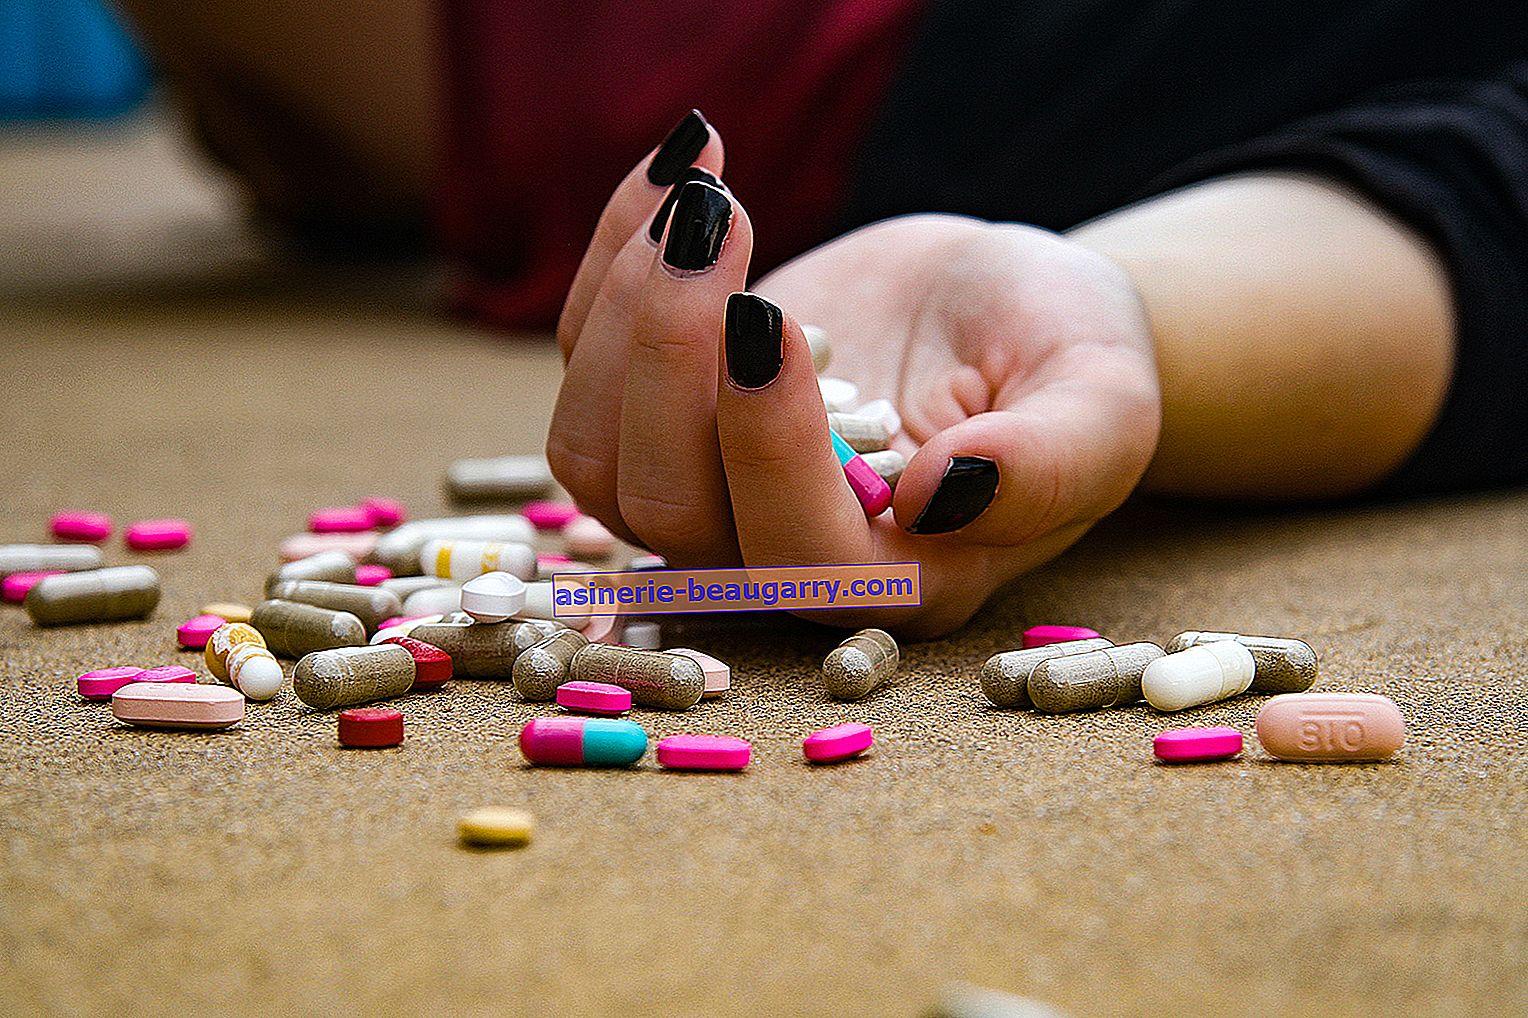 Pílulas anticoncepcionais em 14 perguntas